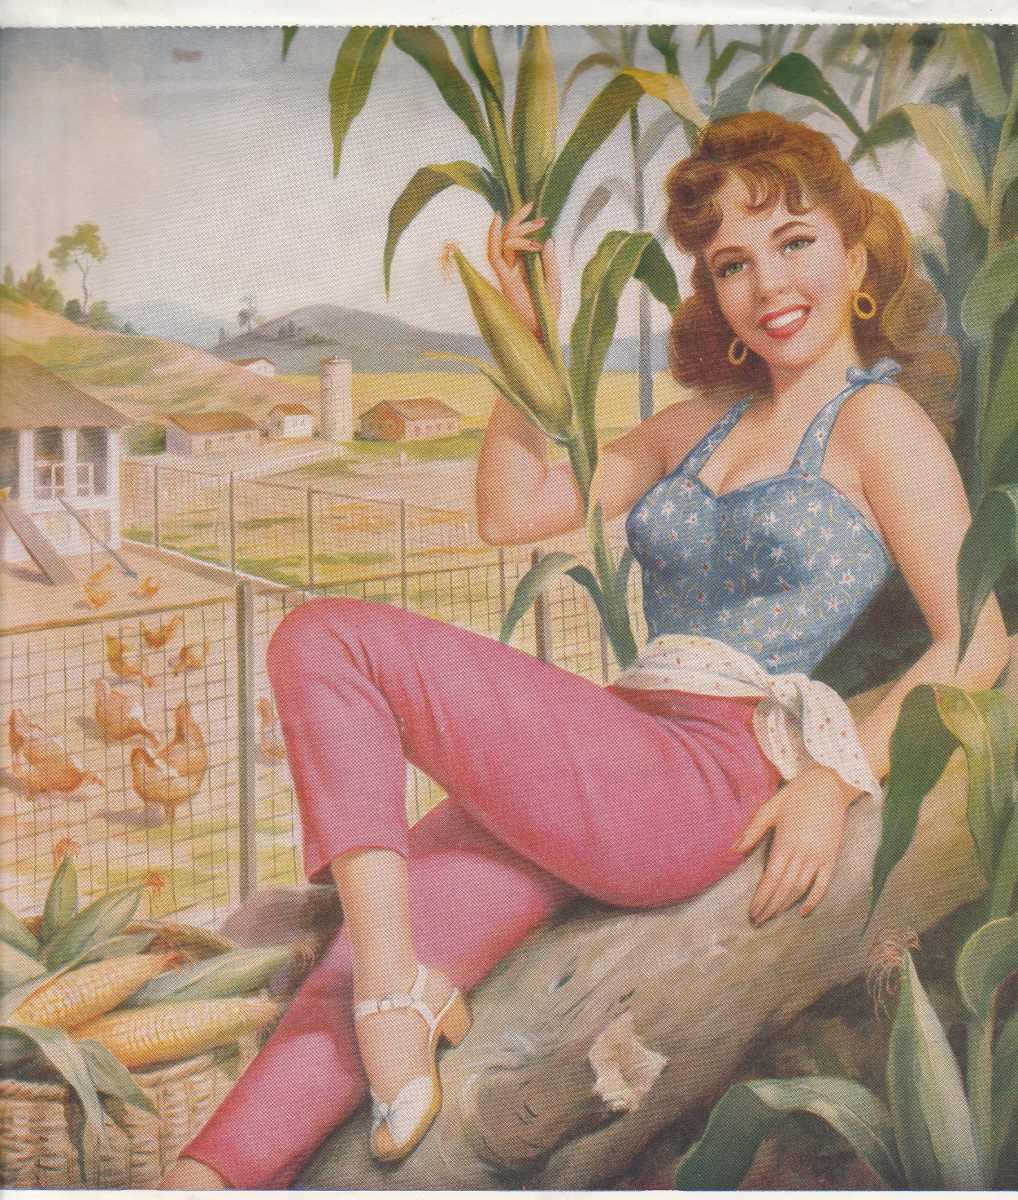 Calendario Del Ano 1965.Calendario De Parede Imagem Mulheres Ano 1965 Bm